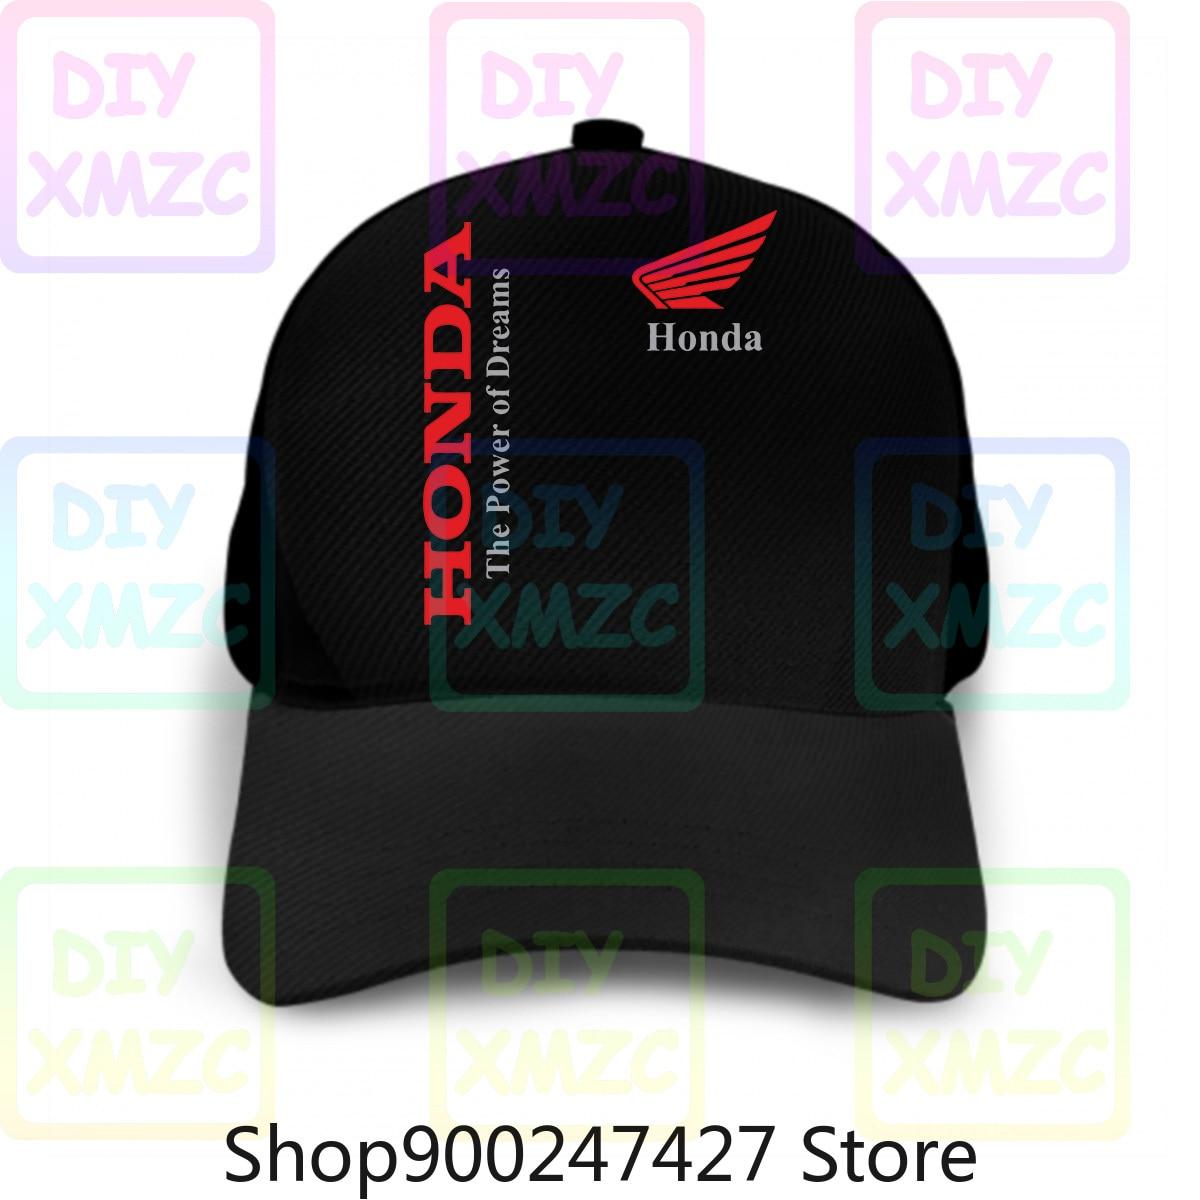 Бейсбольная кепка Honda The Power Of Dreams, уличная футболка для мотоцикла Harajuku|Мужские бейсболки|   | АлиЭкспресс